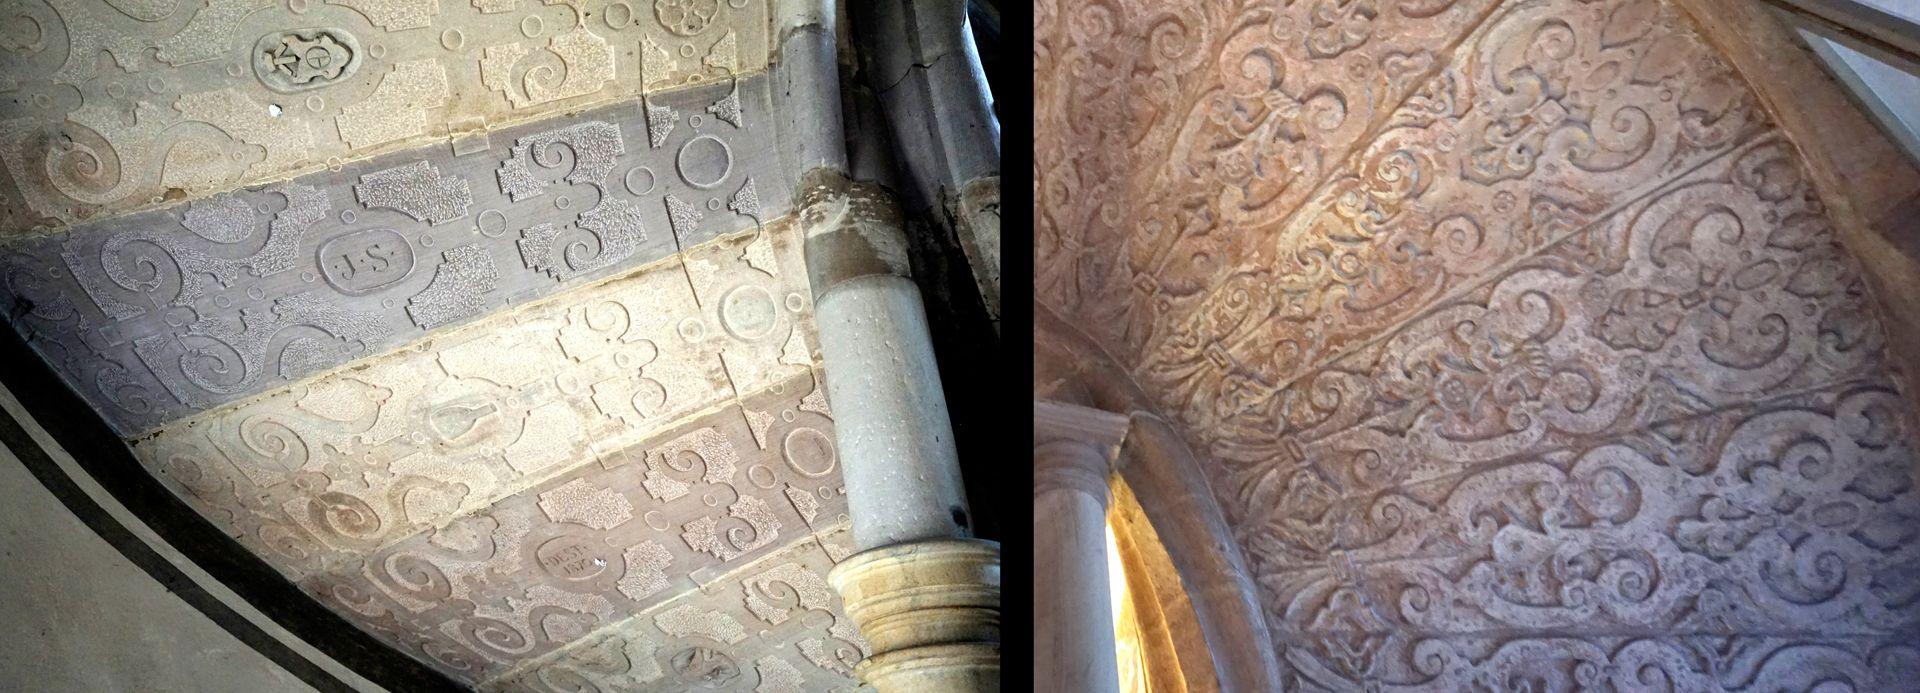 Treppentyp / Pellerhaus links Straßburg, rechts Pellerhaus: Details der Unterseiten, links in verschiedenen Steinsorten